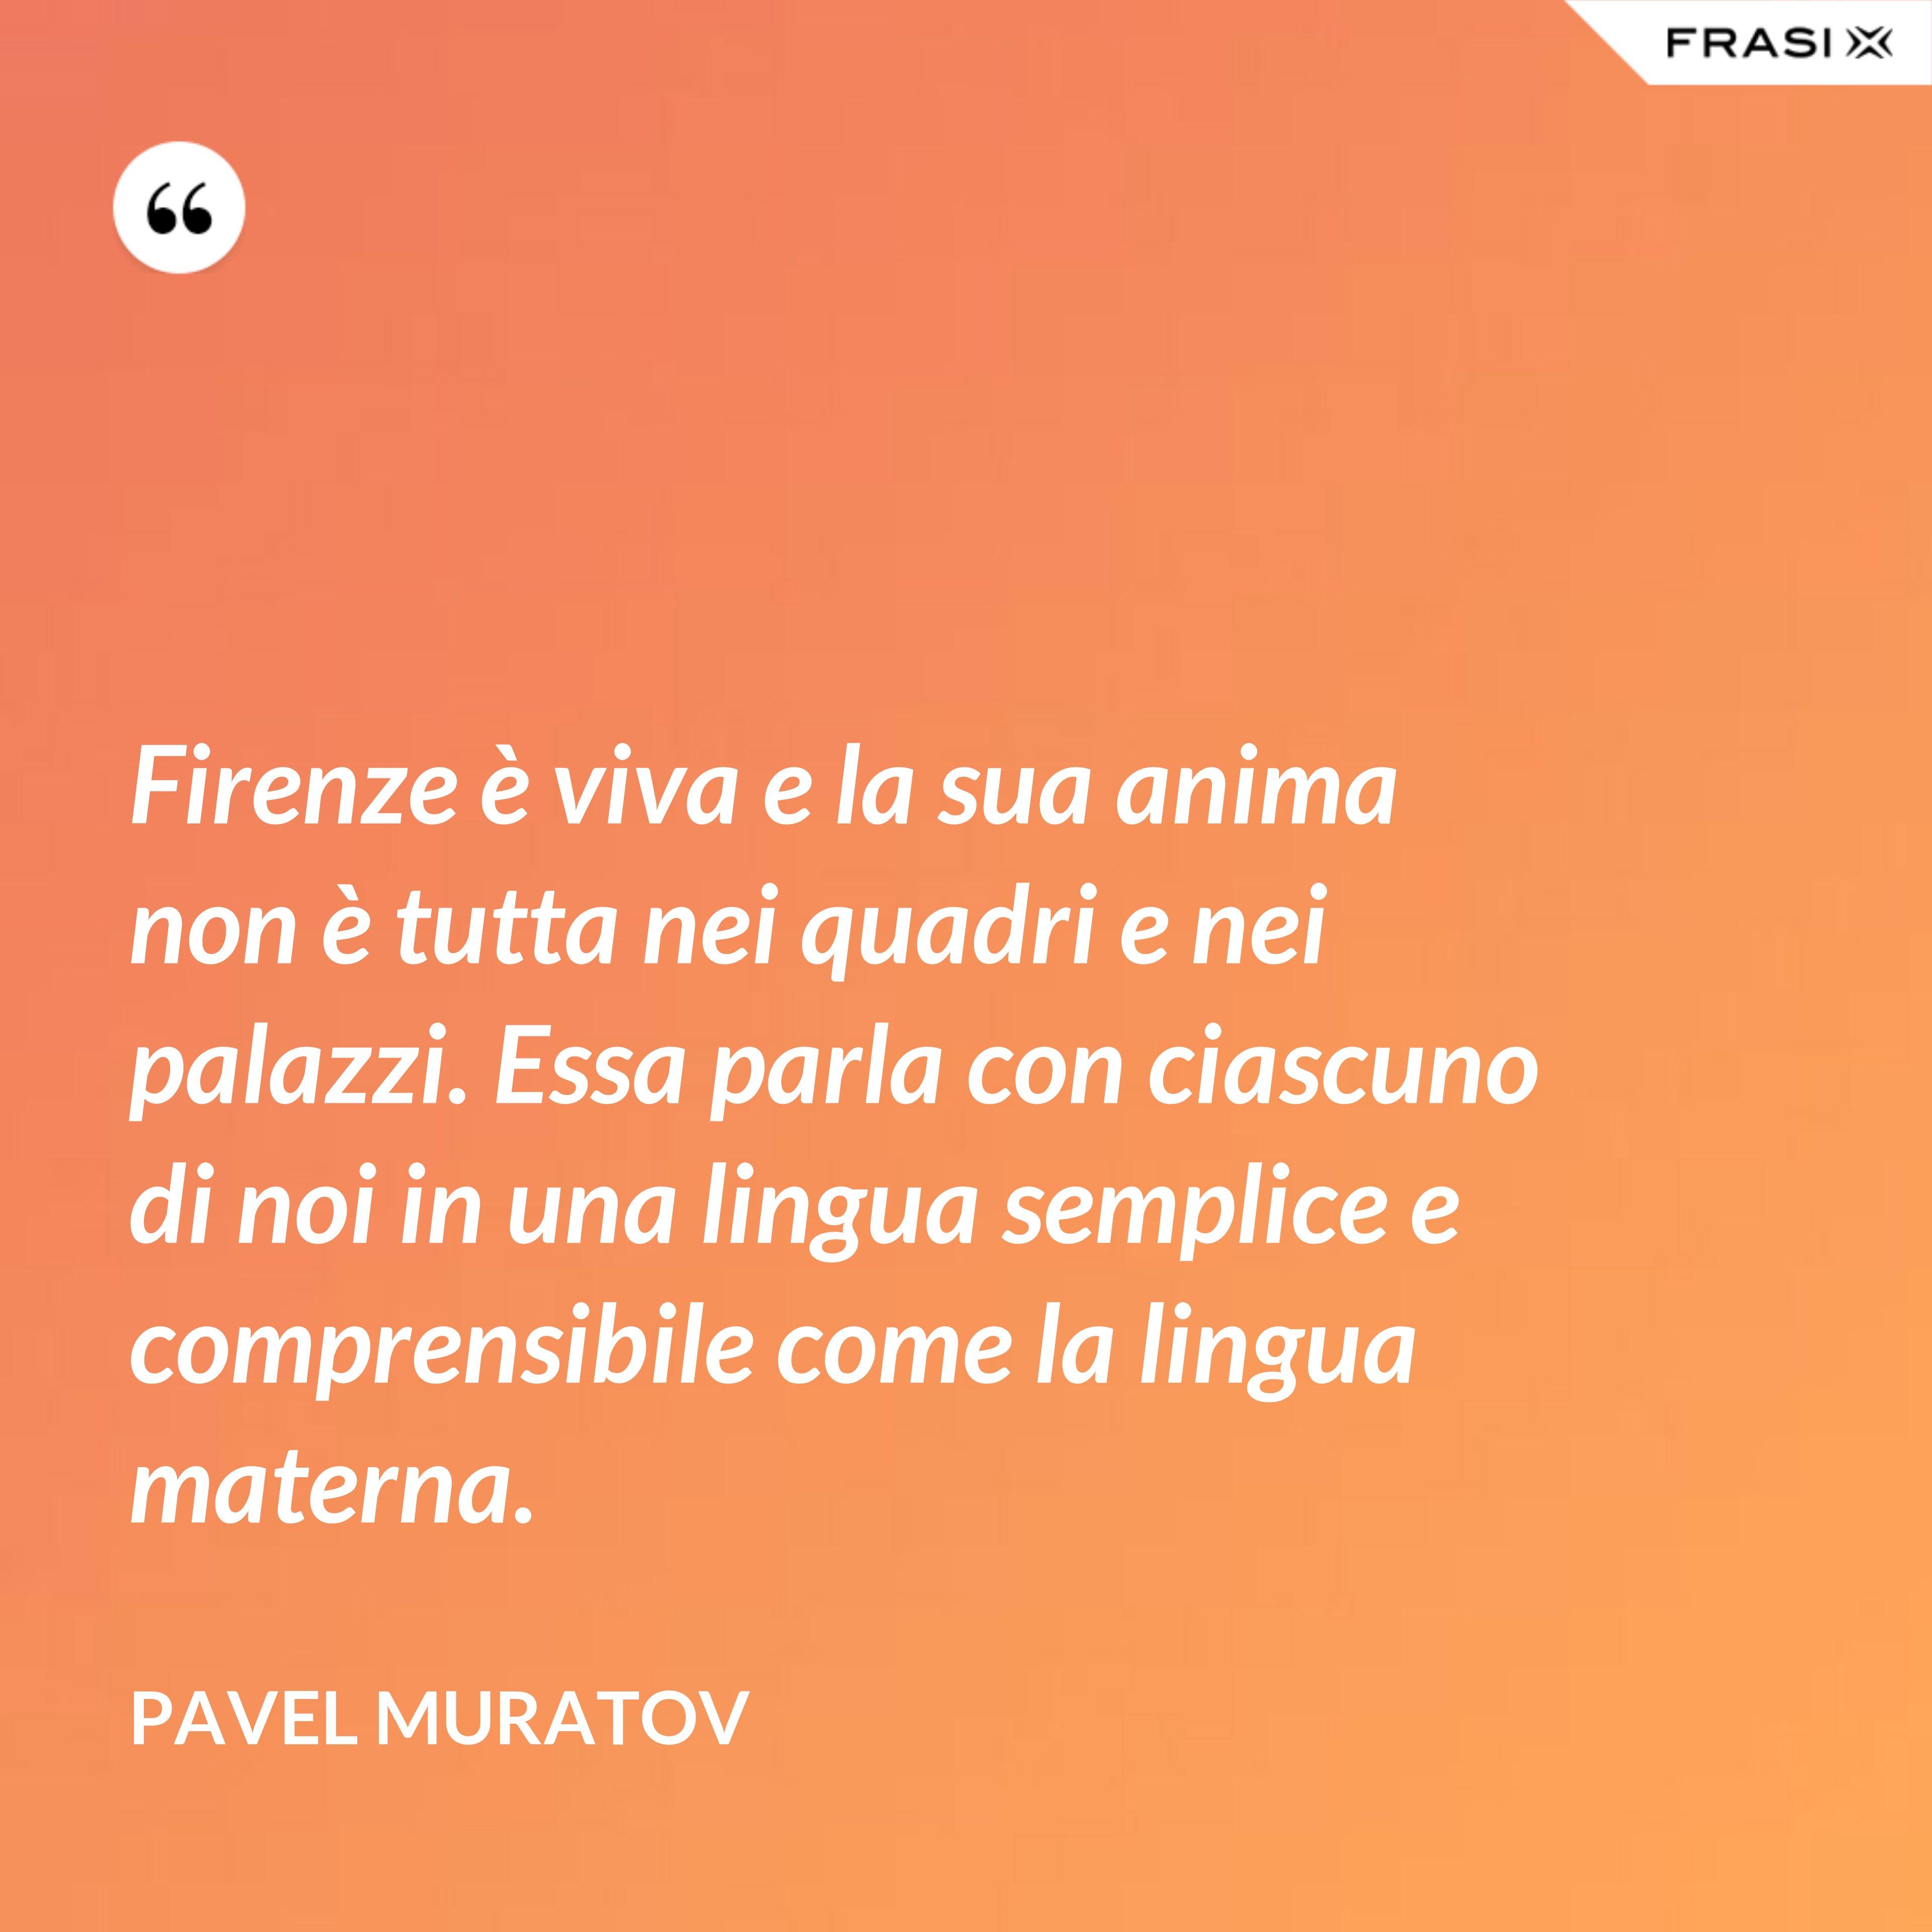 Firenze è viva e la sua anima non è tutta nei quadri e nei palazzi. Essa parla con ciascuno di noi in una lingua semplice e comprensibile come la lingua materna. - Pavel Muratov